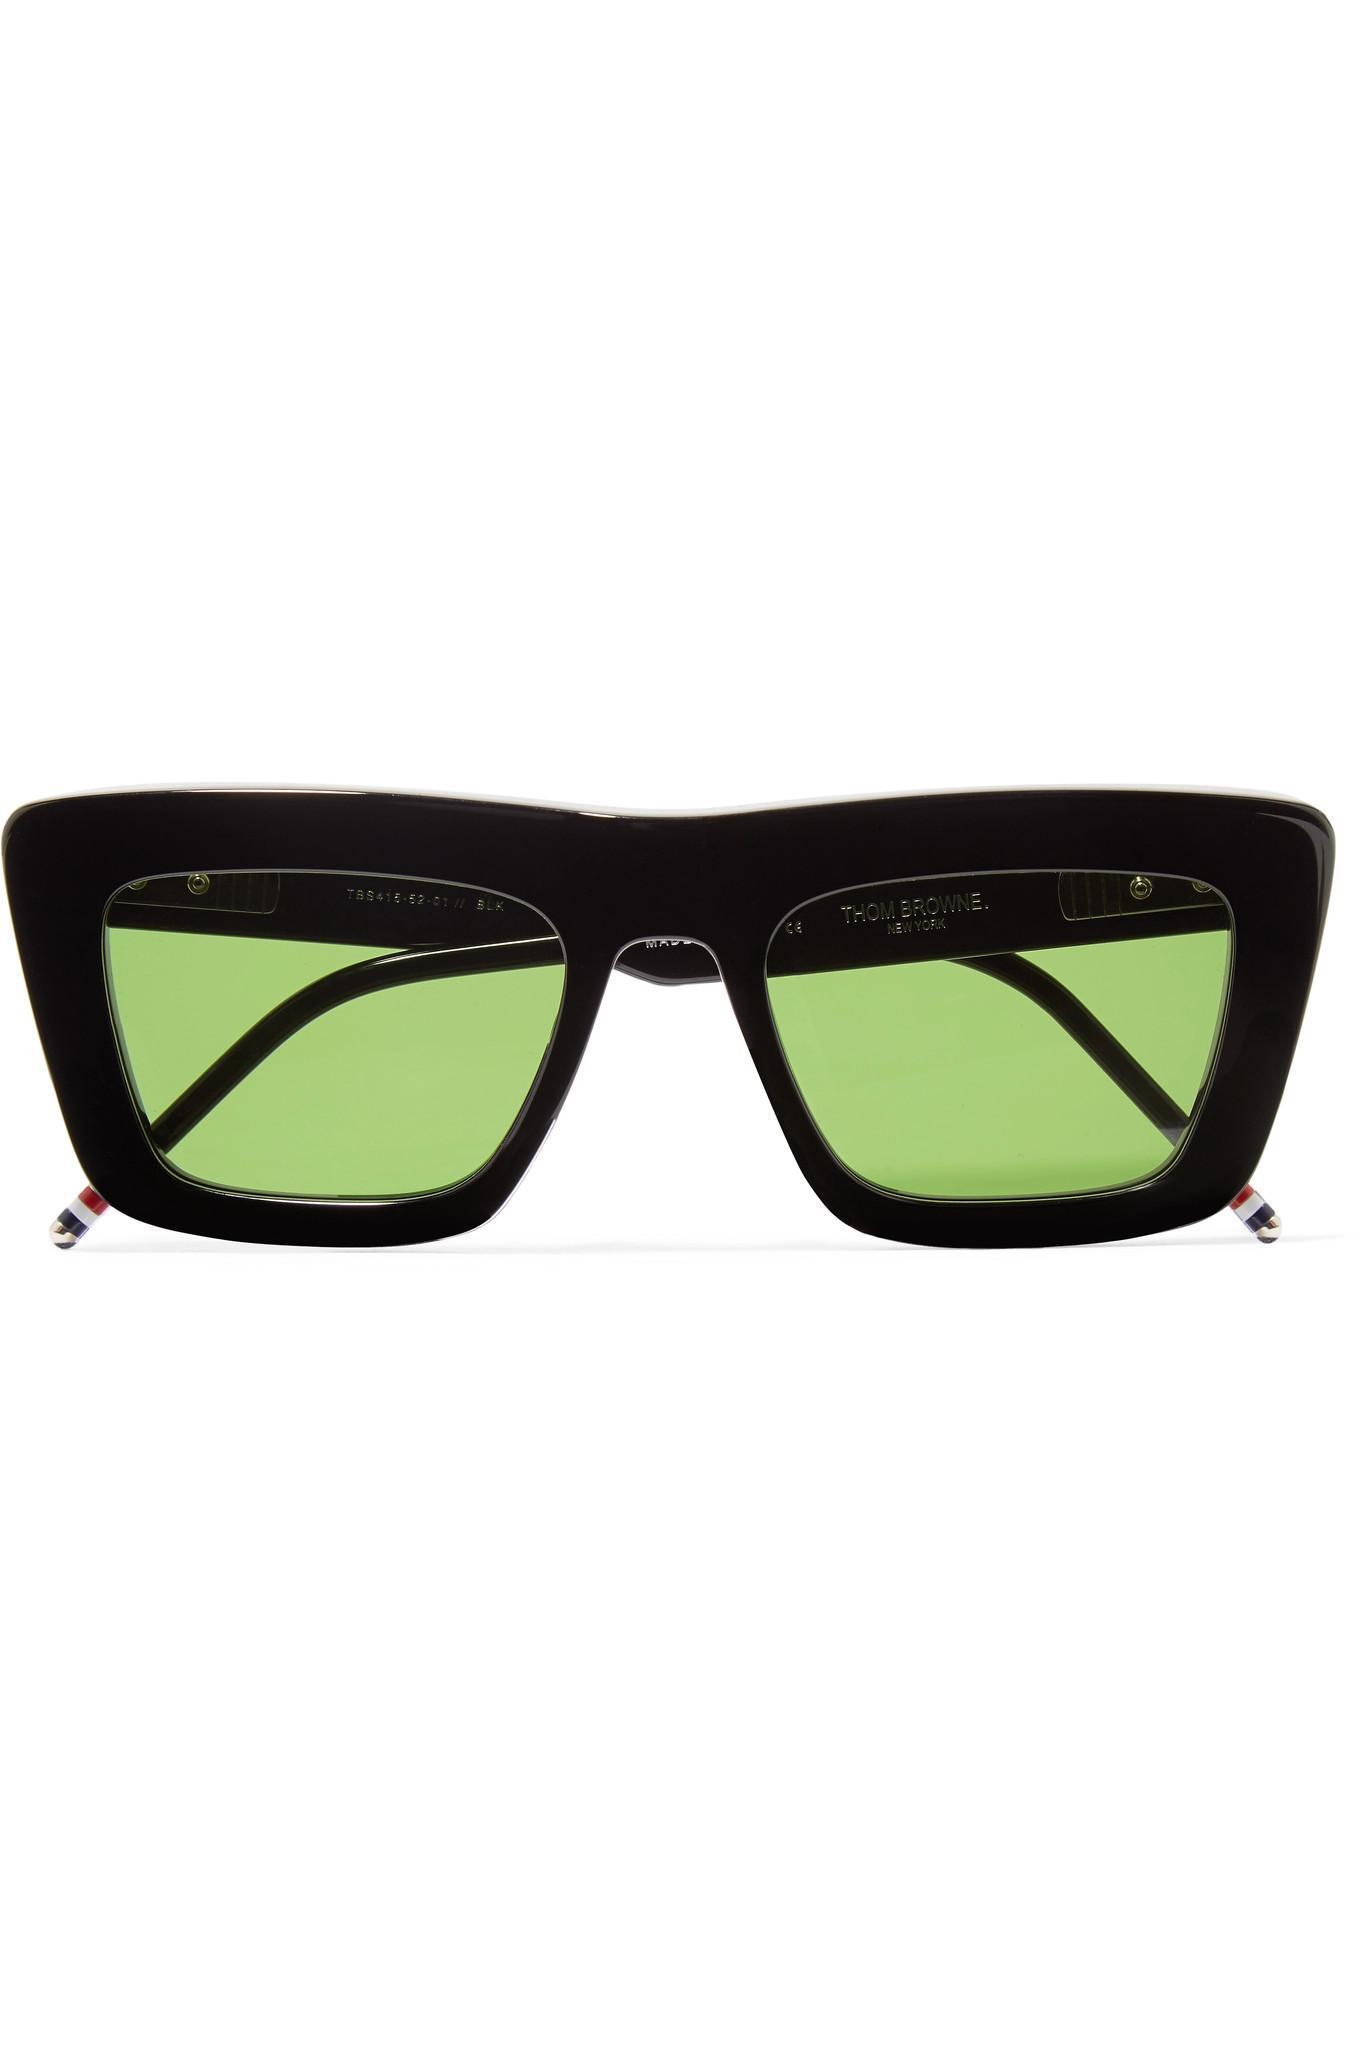 78d3b0724ff Thom Browne Square-frame Acetate Sunglasses in Black - Lyst